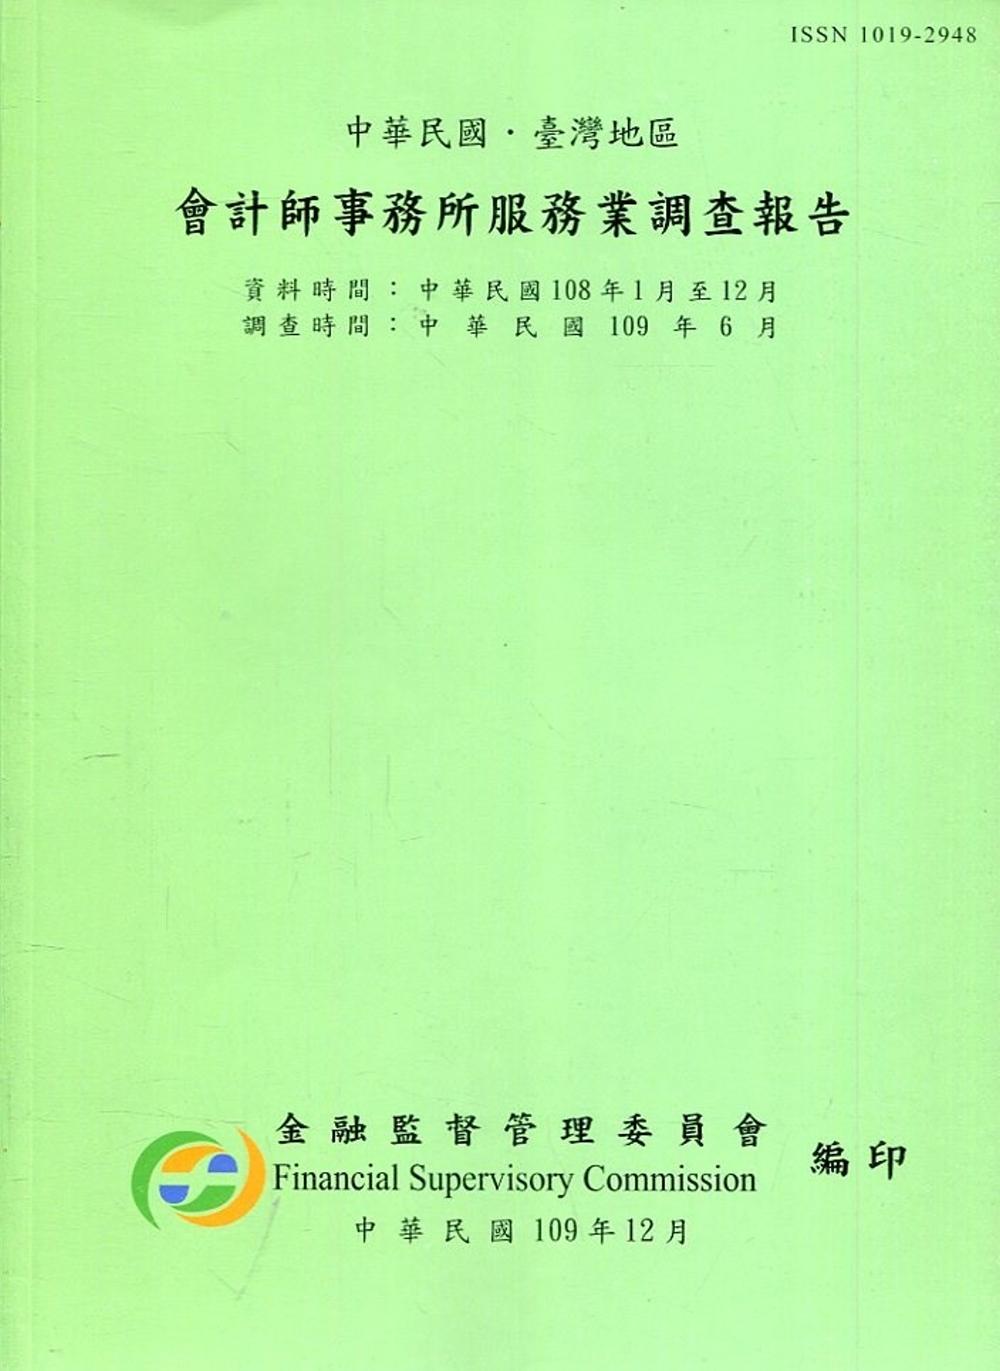 會計師事務所服務業調查報告108年(調查時間109/6)